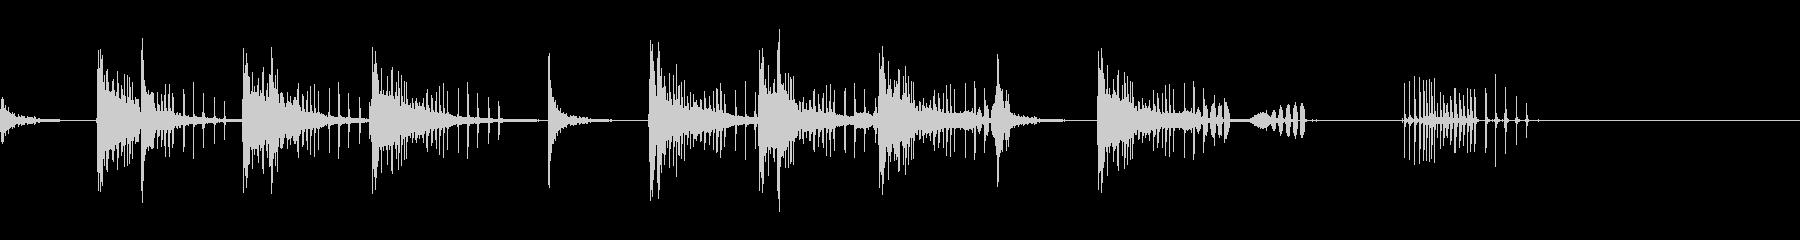 とんとん(派手な建設中の音)B18の未再生の波形